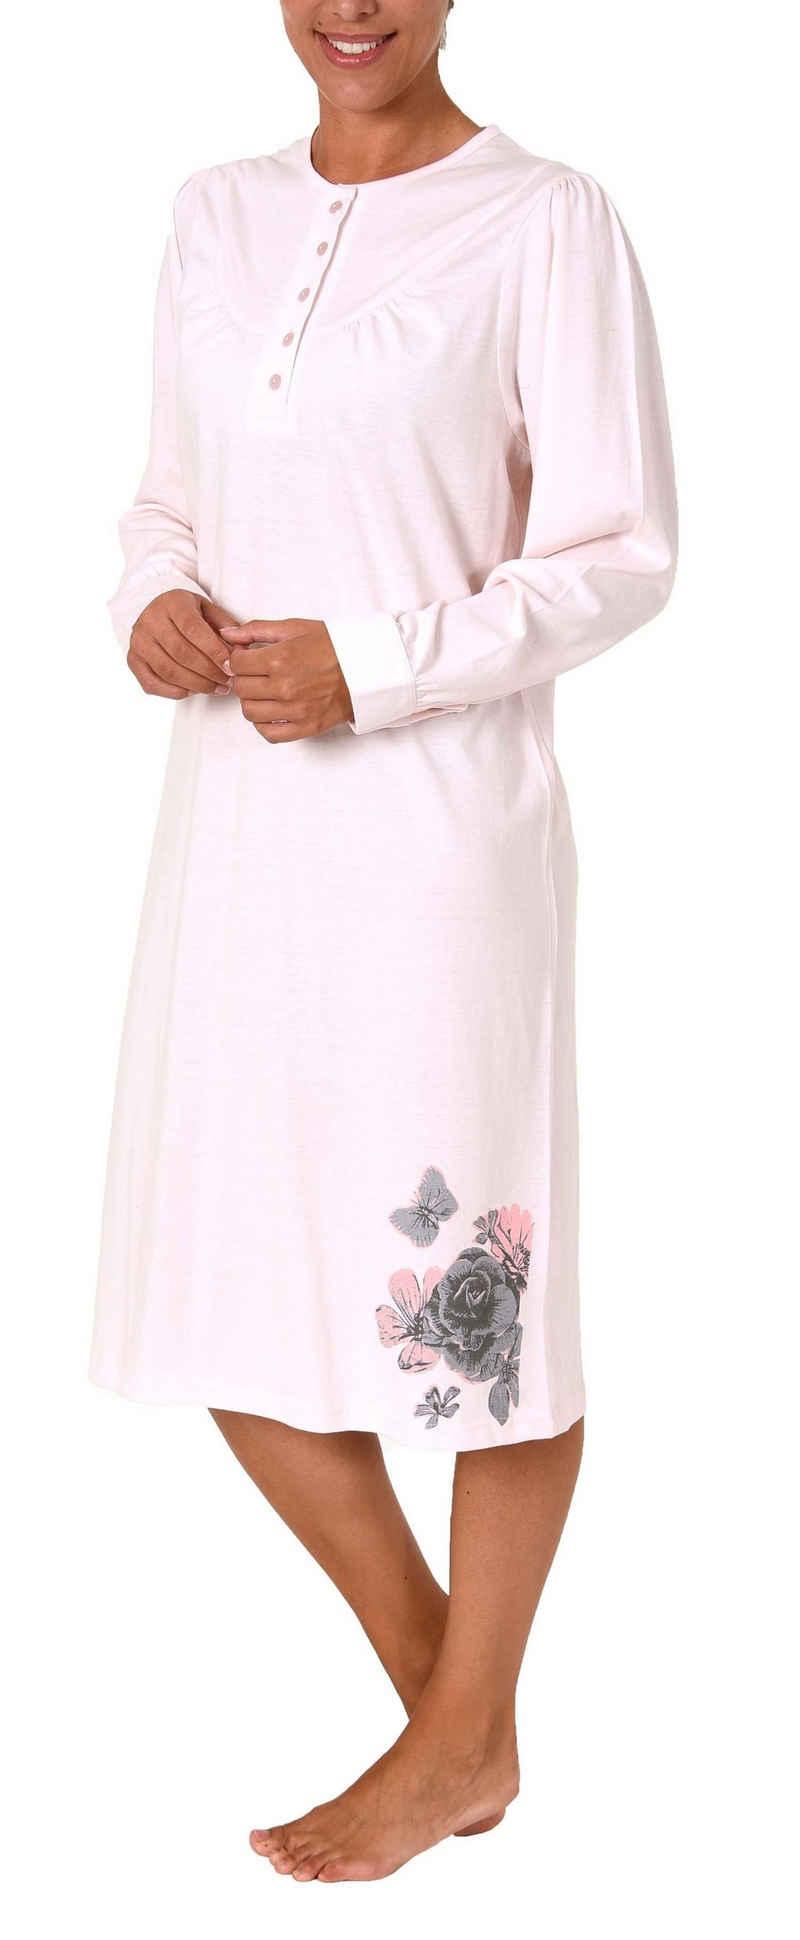 Normann Nachthemd »Damen Nachthemd langarm mit 105 cm Länge und Kopfleiste am Hals - 281 210 740«